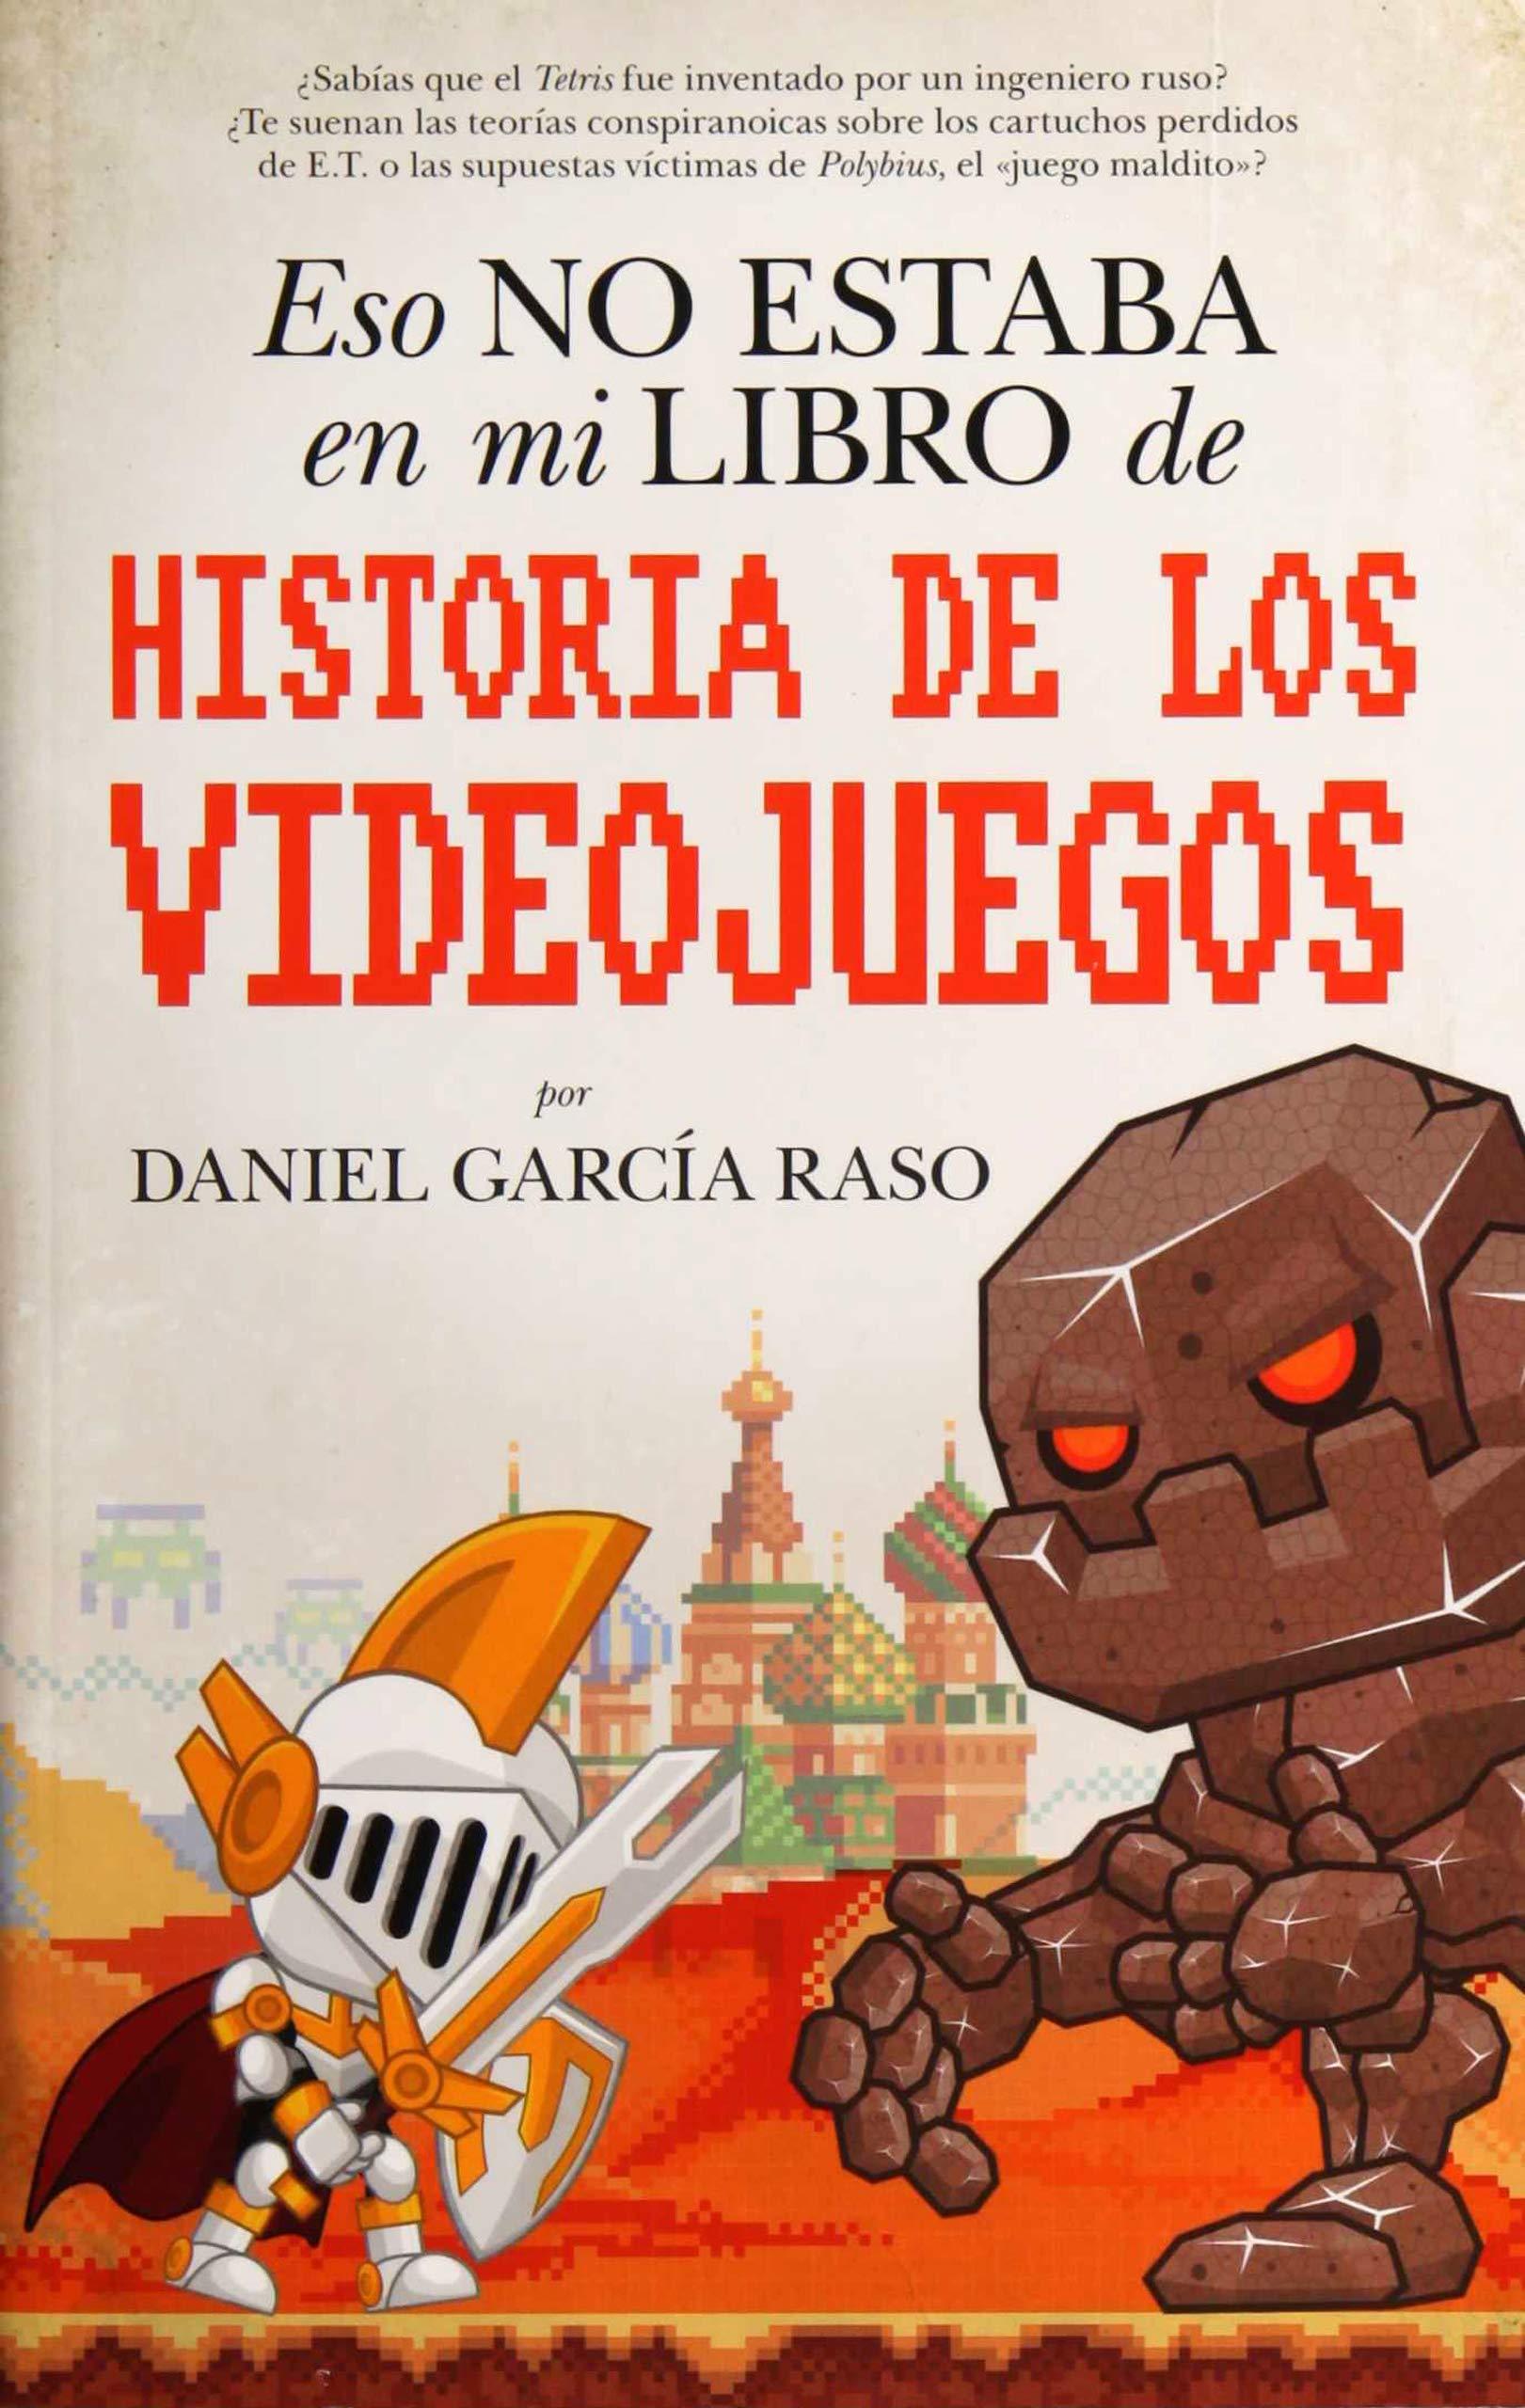 Eso no estaba en mi libro de Historia de los videojuegos: Amazon.es: García Raso, Daniel: Libros